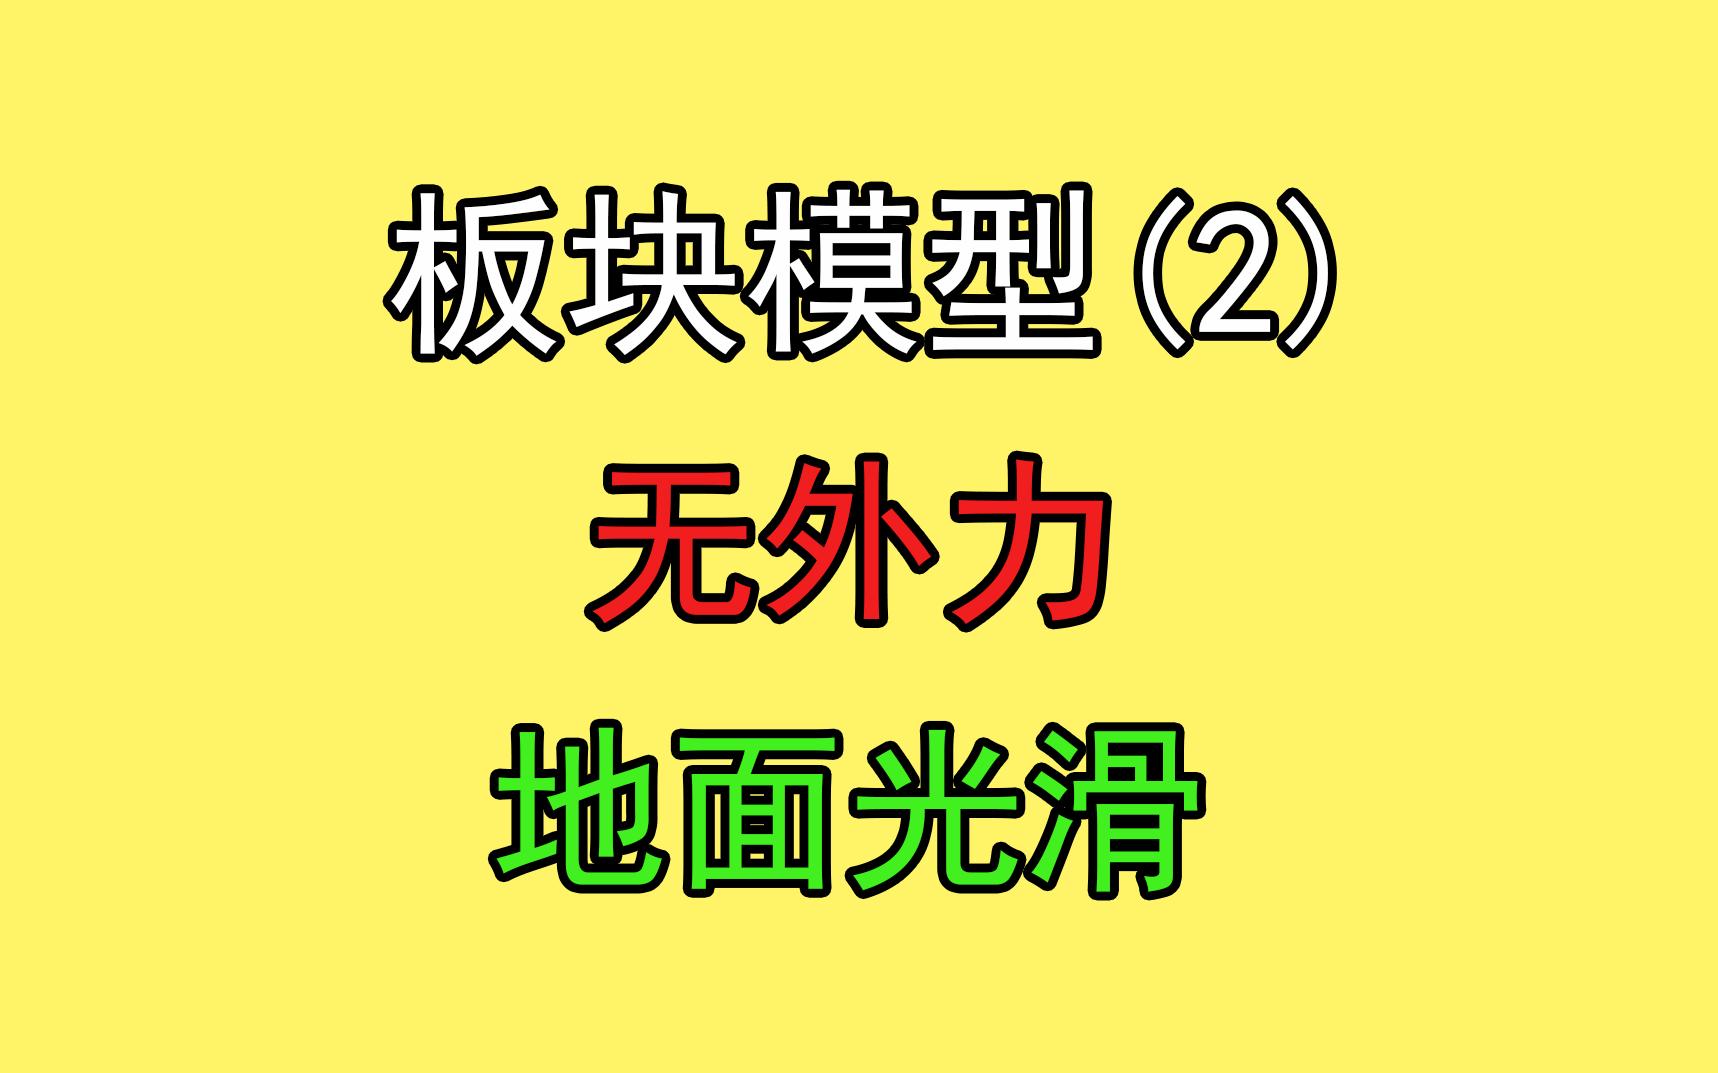 摩擦力方向判断_【必修一】【牛二】【板块模型】2.无外力-地面光滑_哔哩哔哩 ...